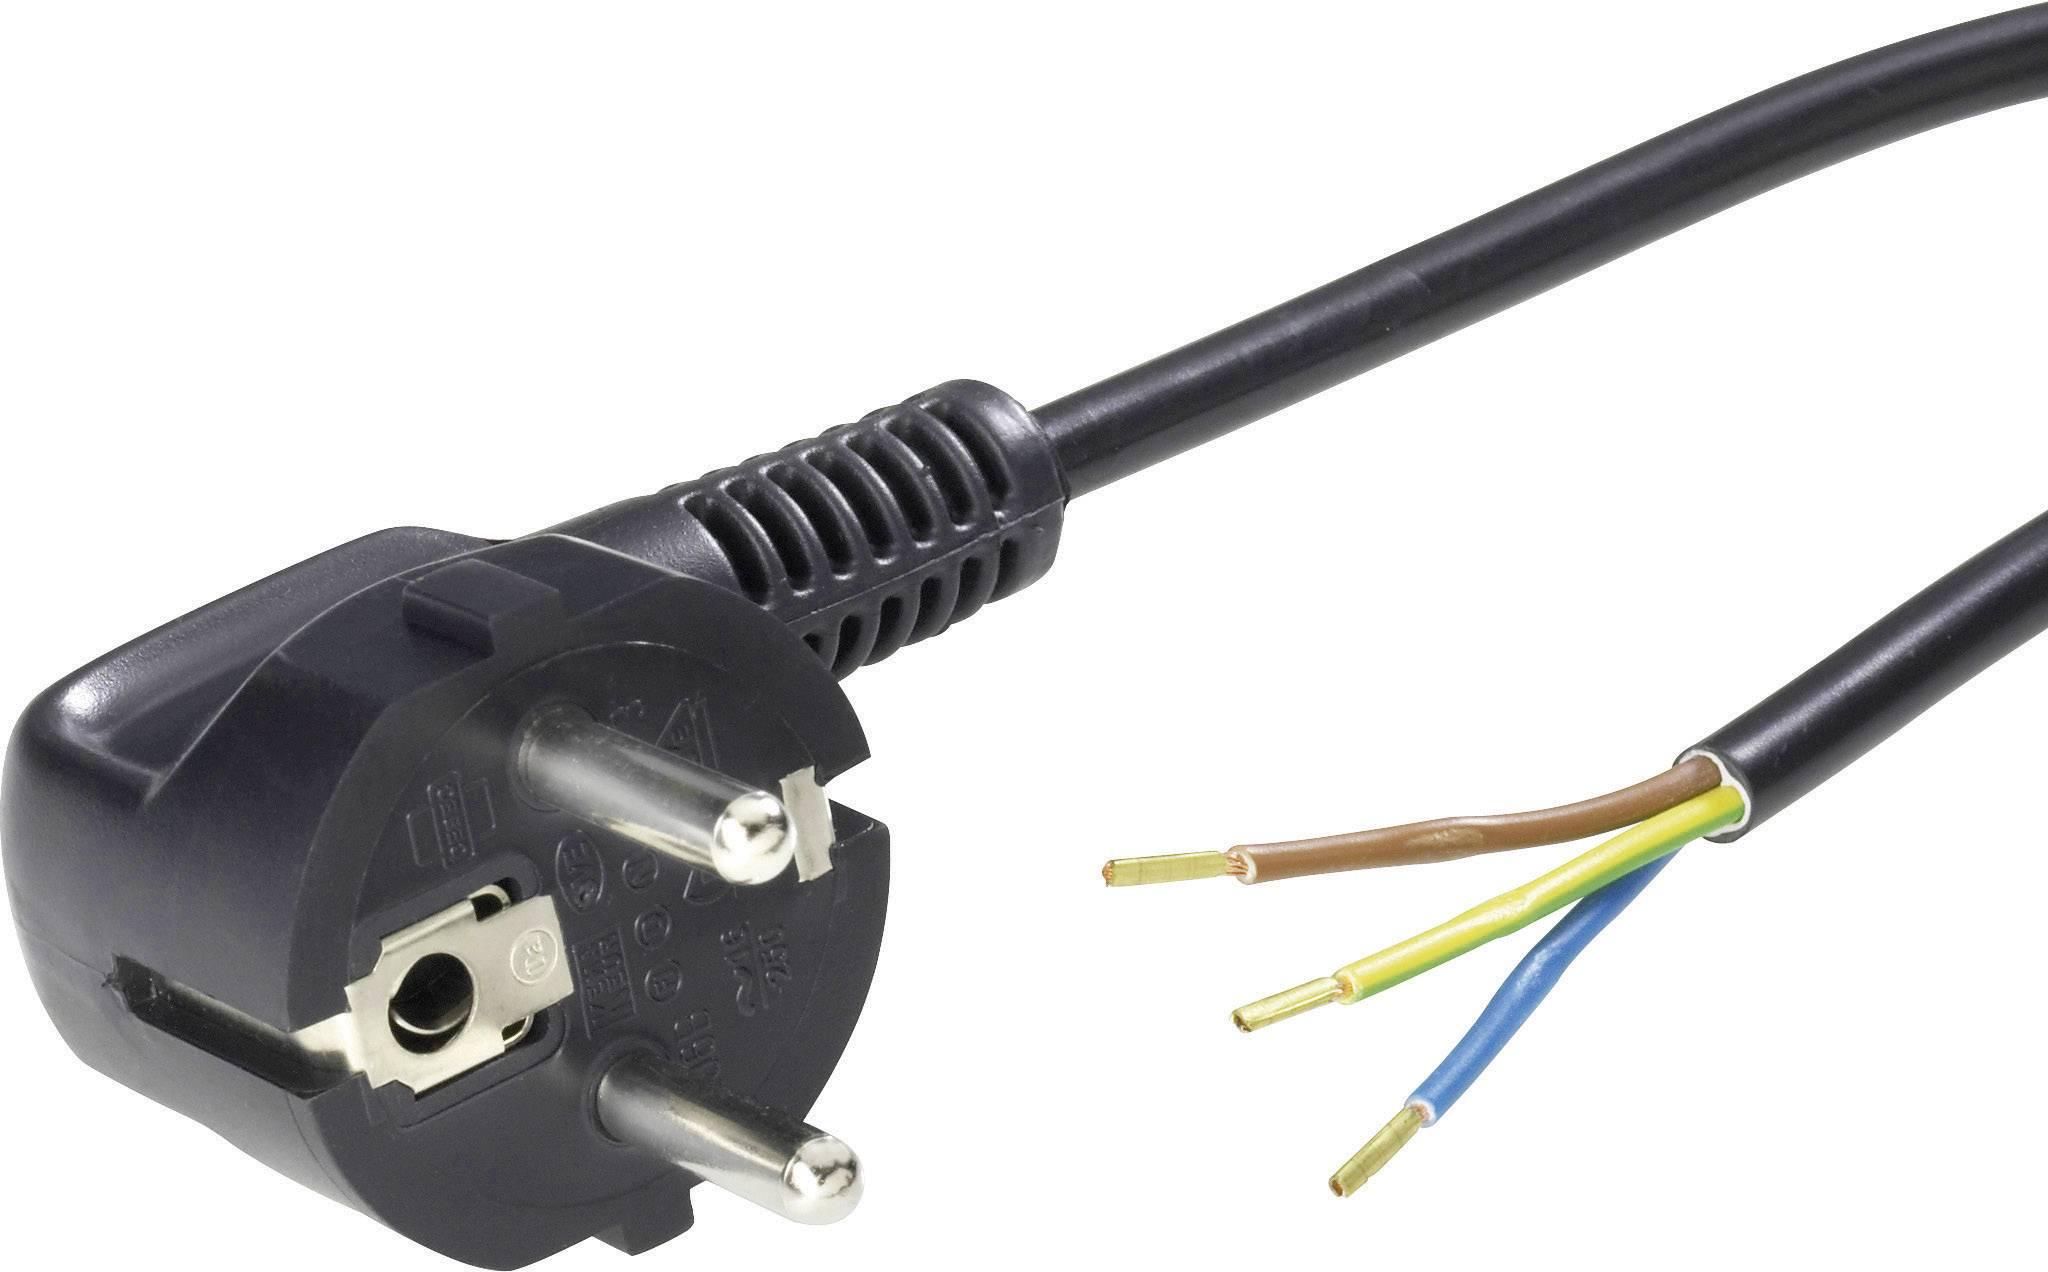 Síťový kabel LappKabel, zástrčka/otevřený konec, 1 mm², 3 m, černá, 70261141